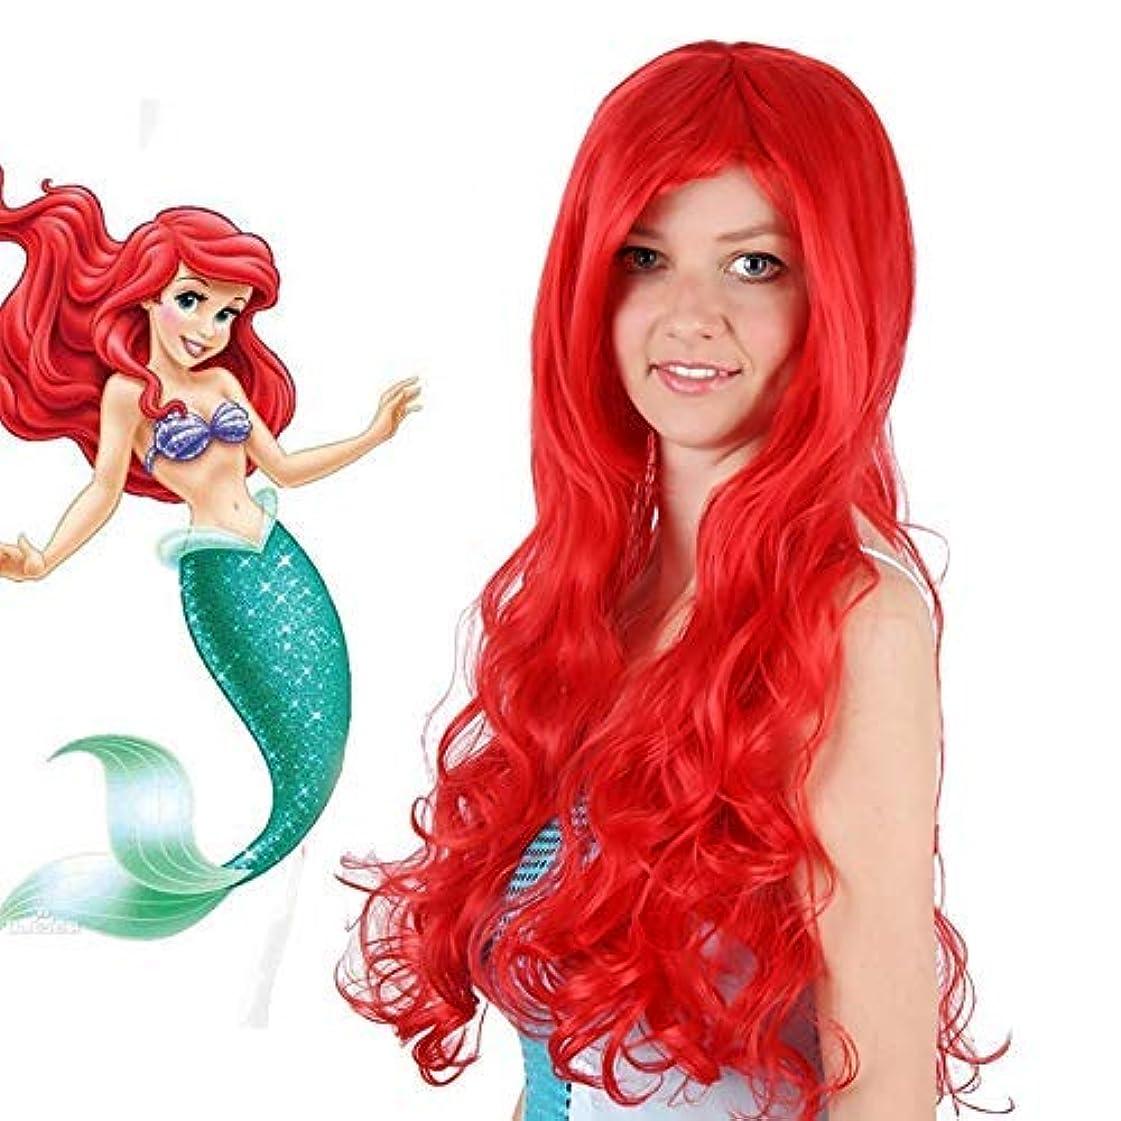 違うバリア美しさ アニメリトルマーメイドプリンセスアリエルコスプレウィッグハロウィーンウィッグパーティーステージ合成赤巻き毛 ヘア&シェービング